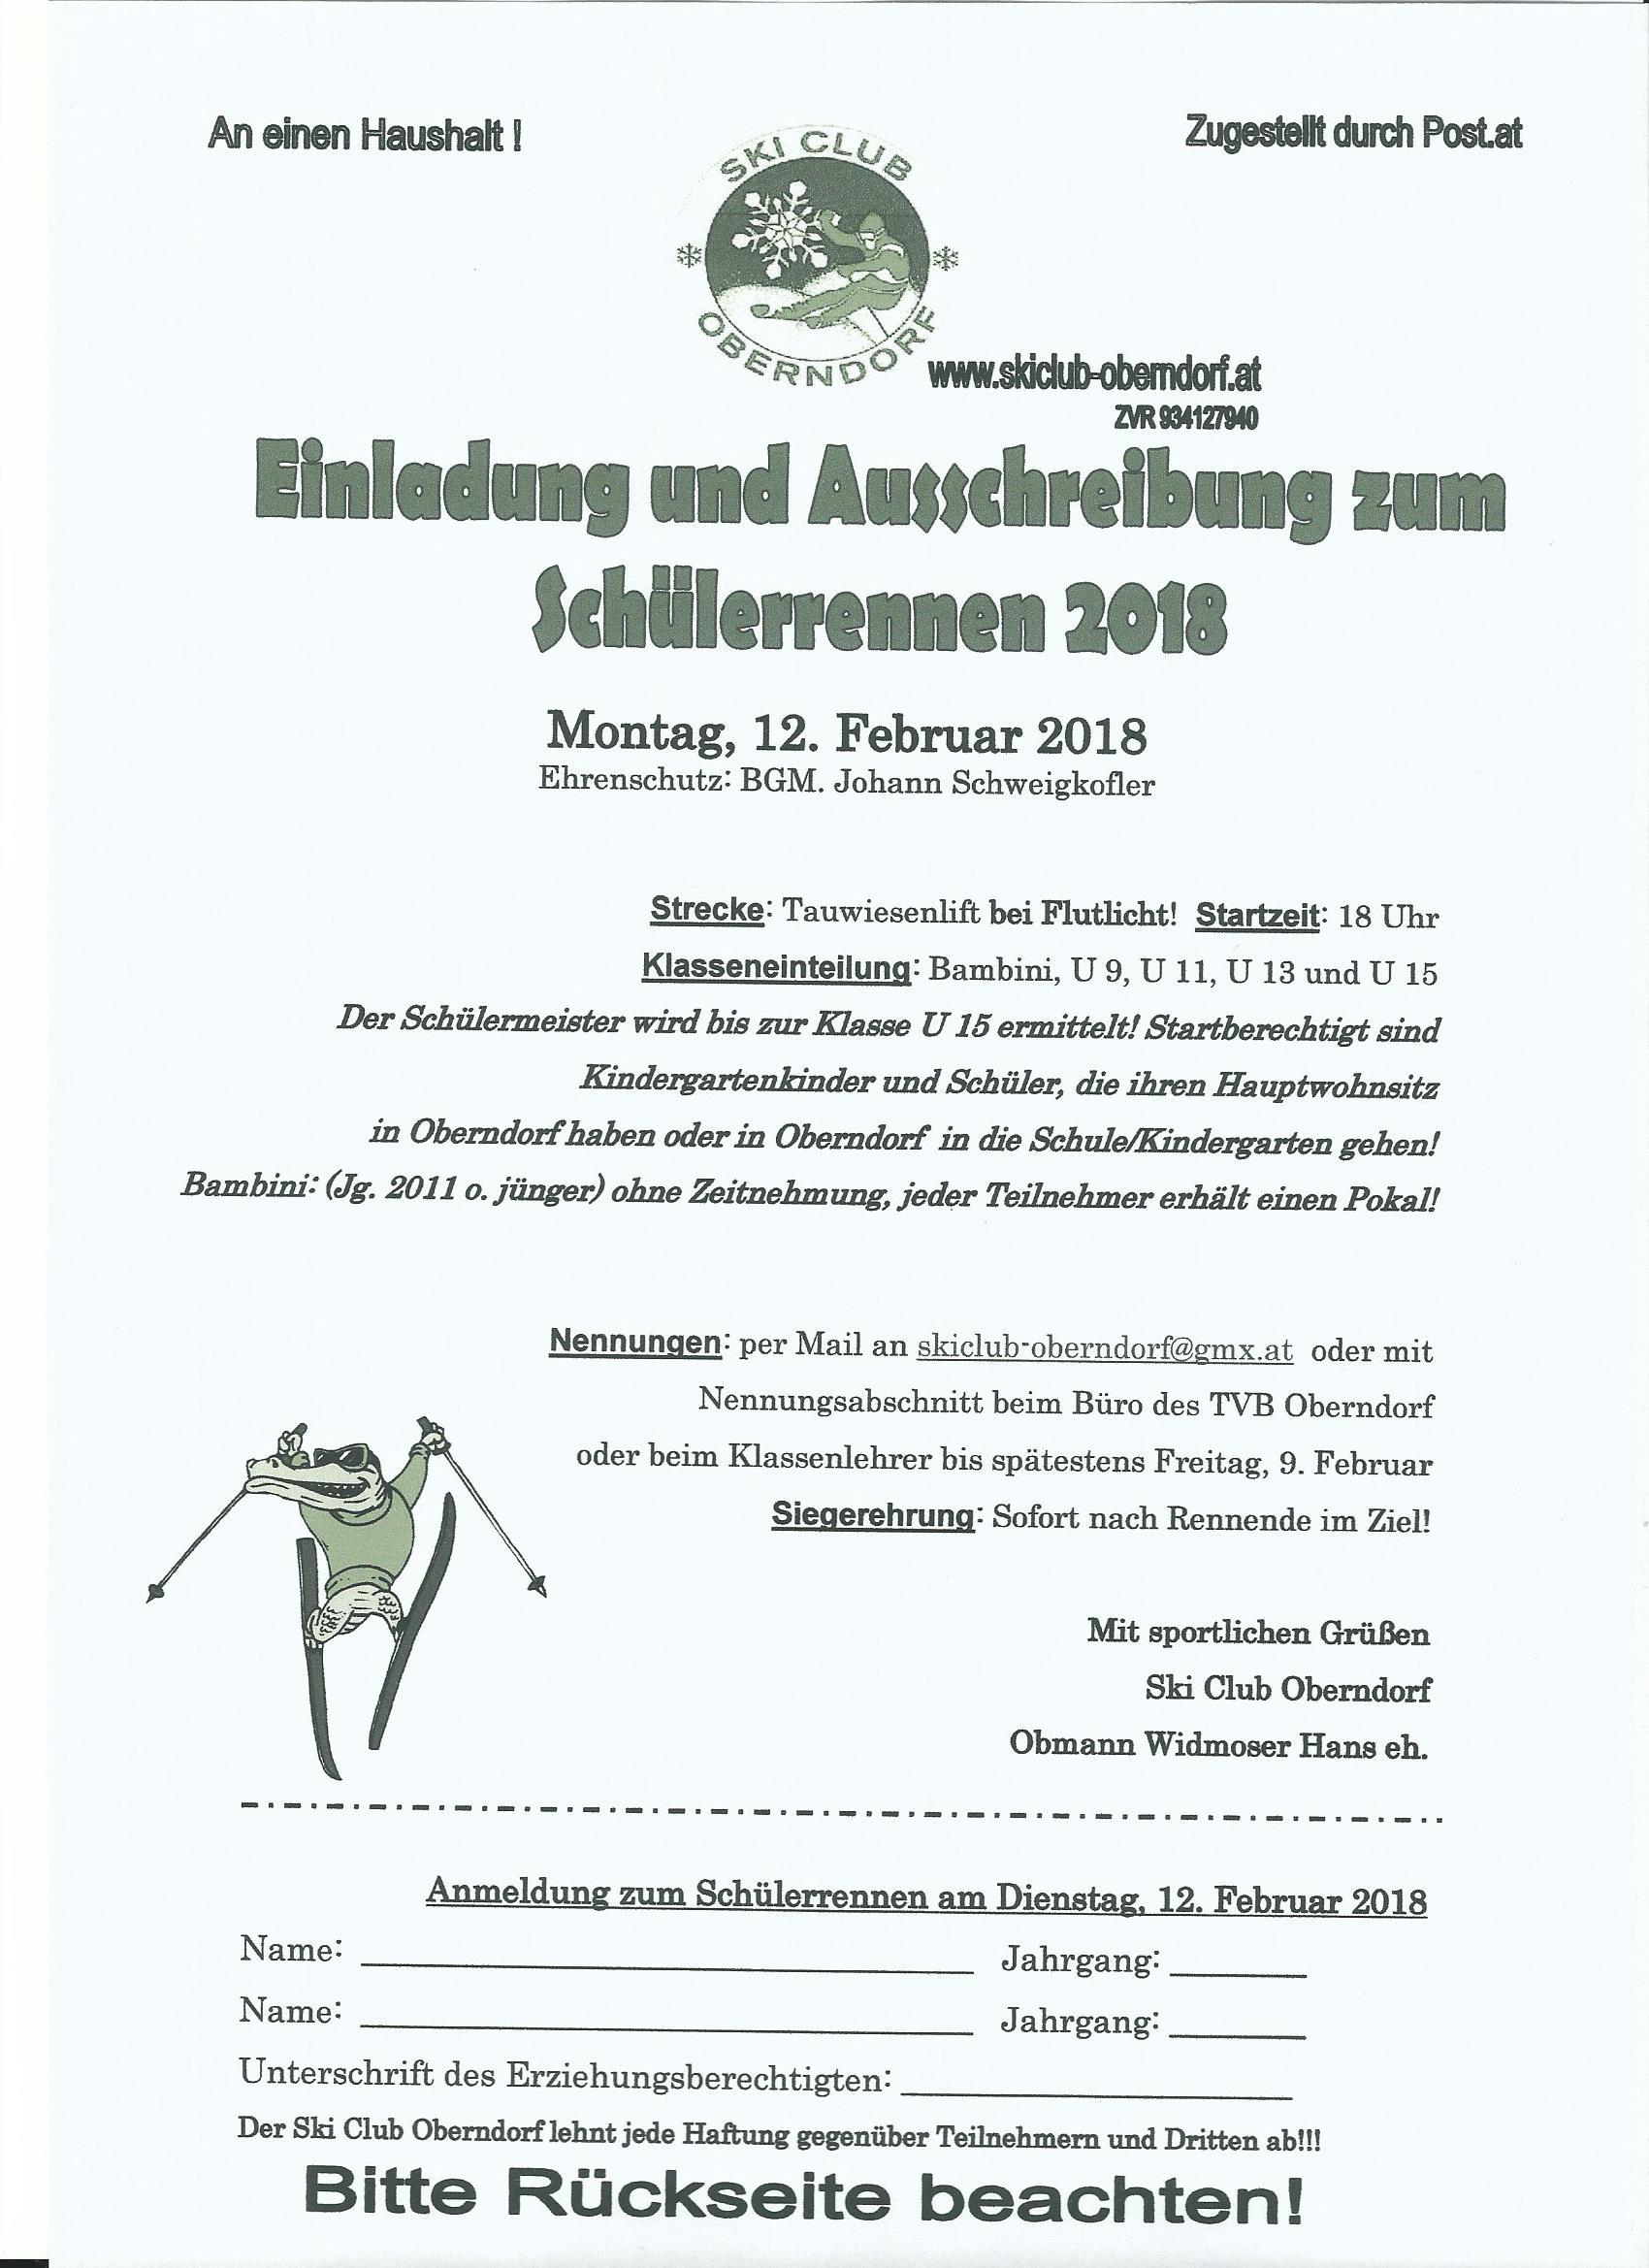 Wunderbar Klassenlehrer Wiederaufnahme Ziel Galerie - Entry Level ...